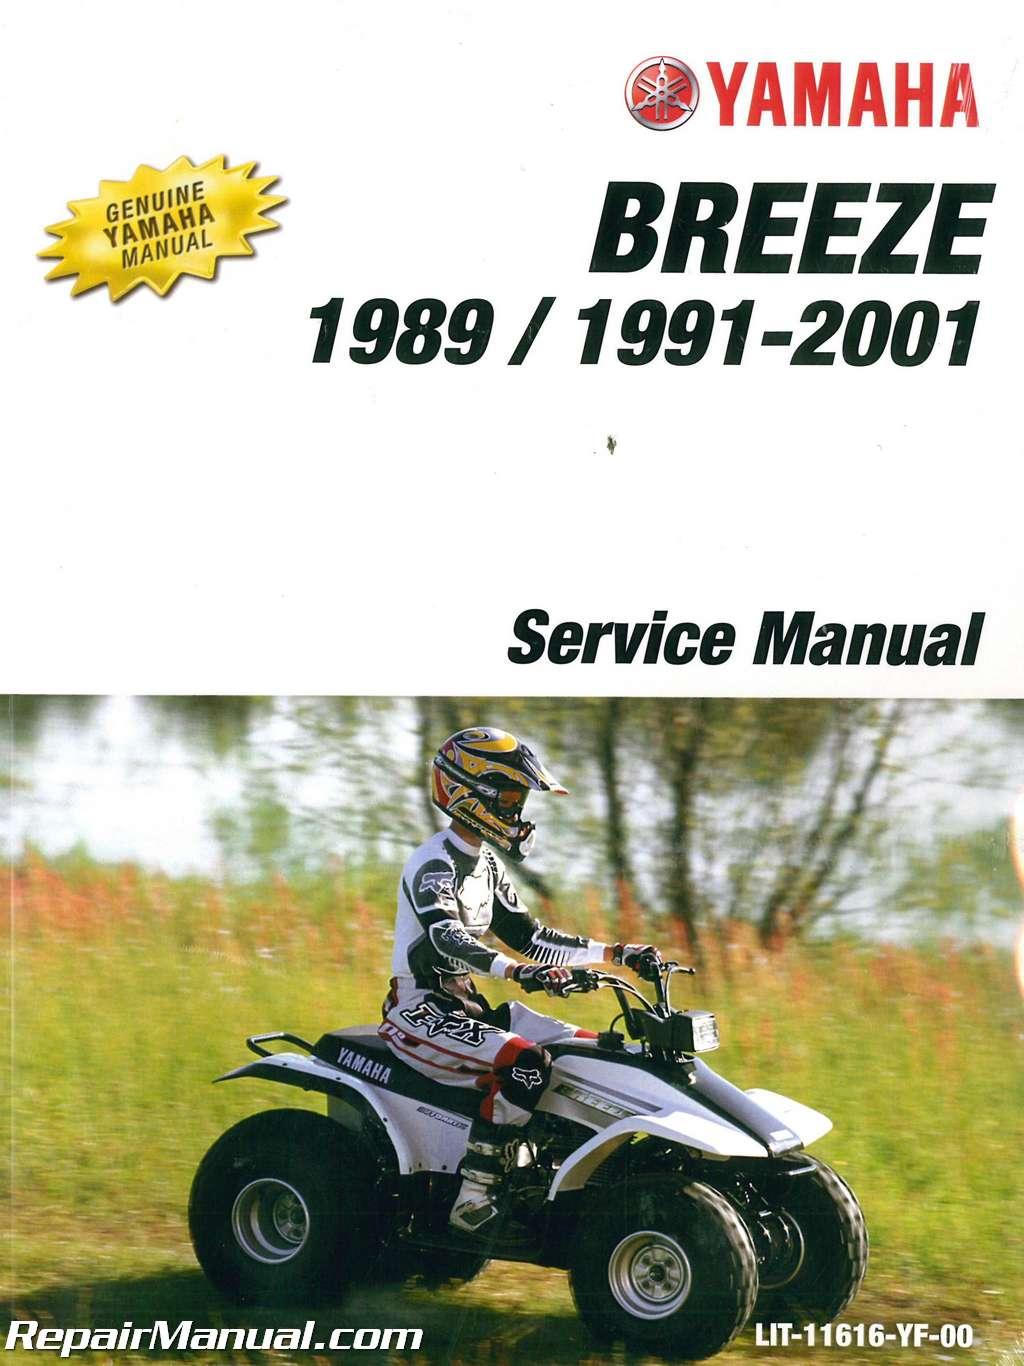 yamaha breeze service manual